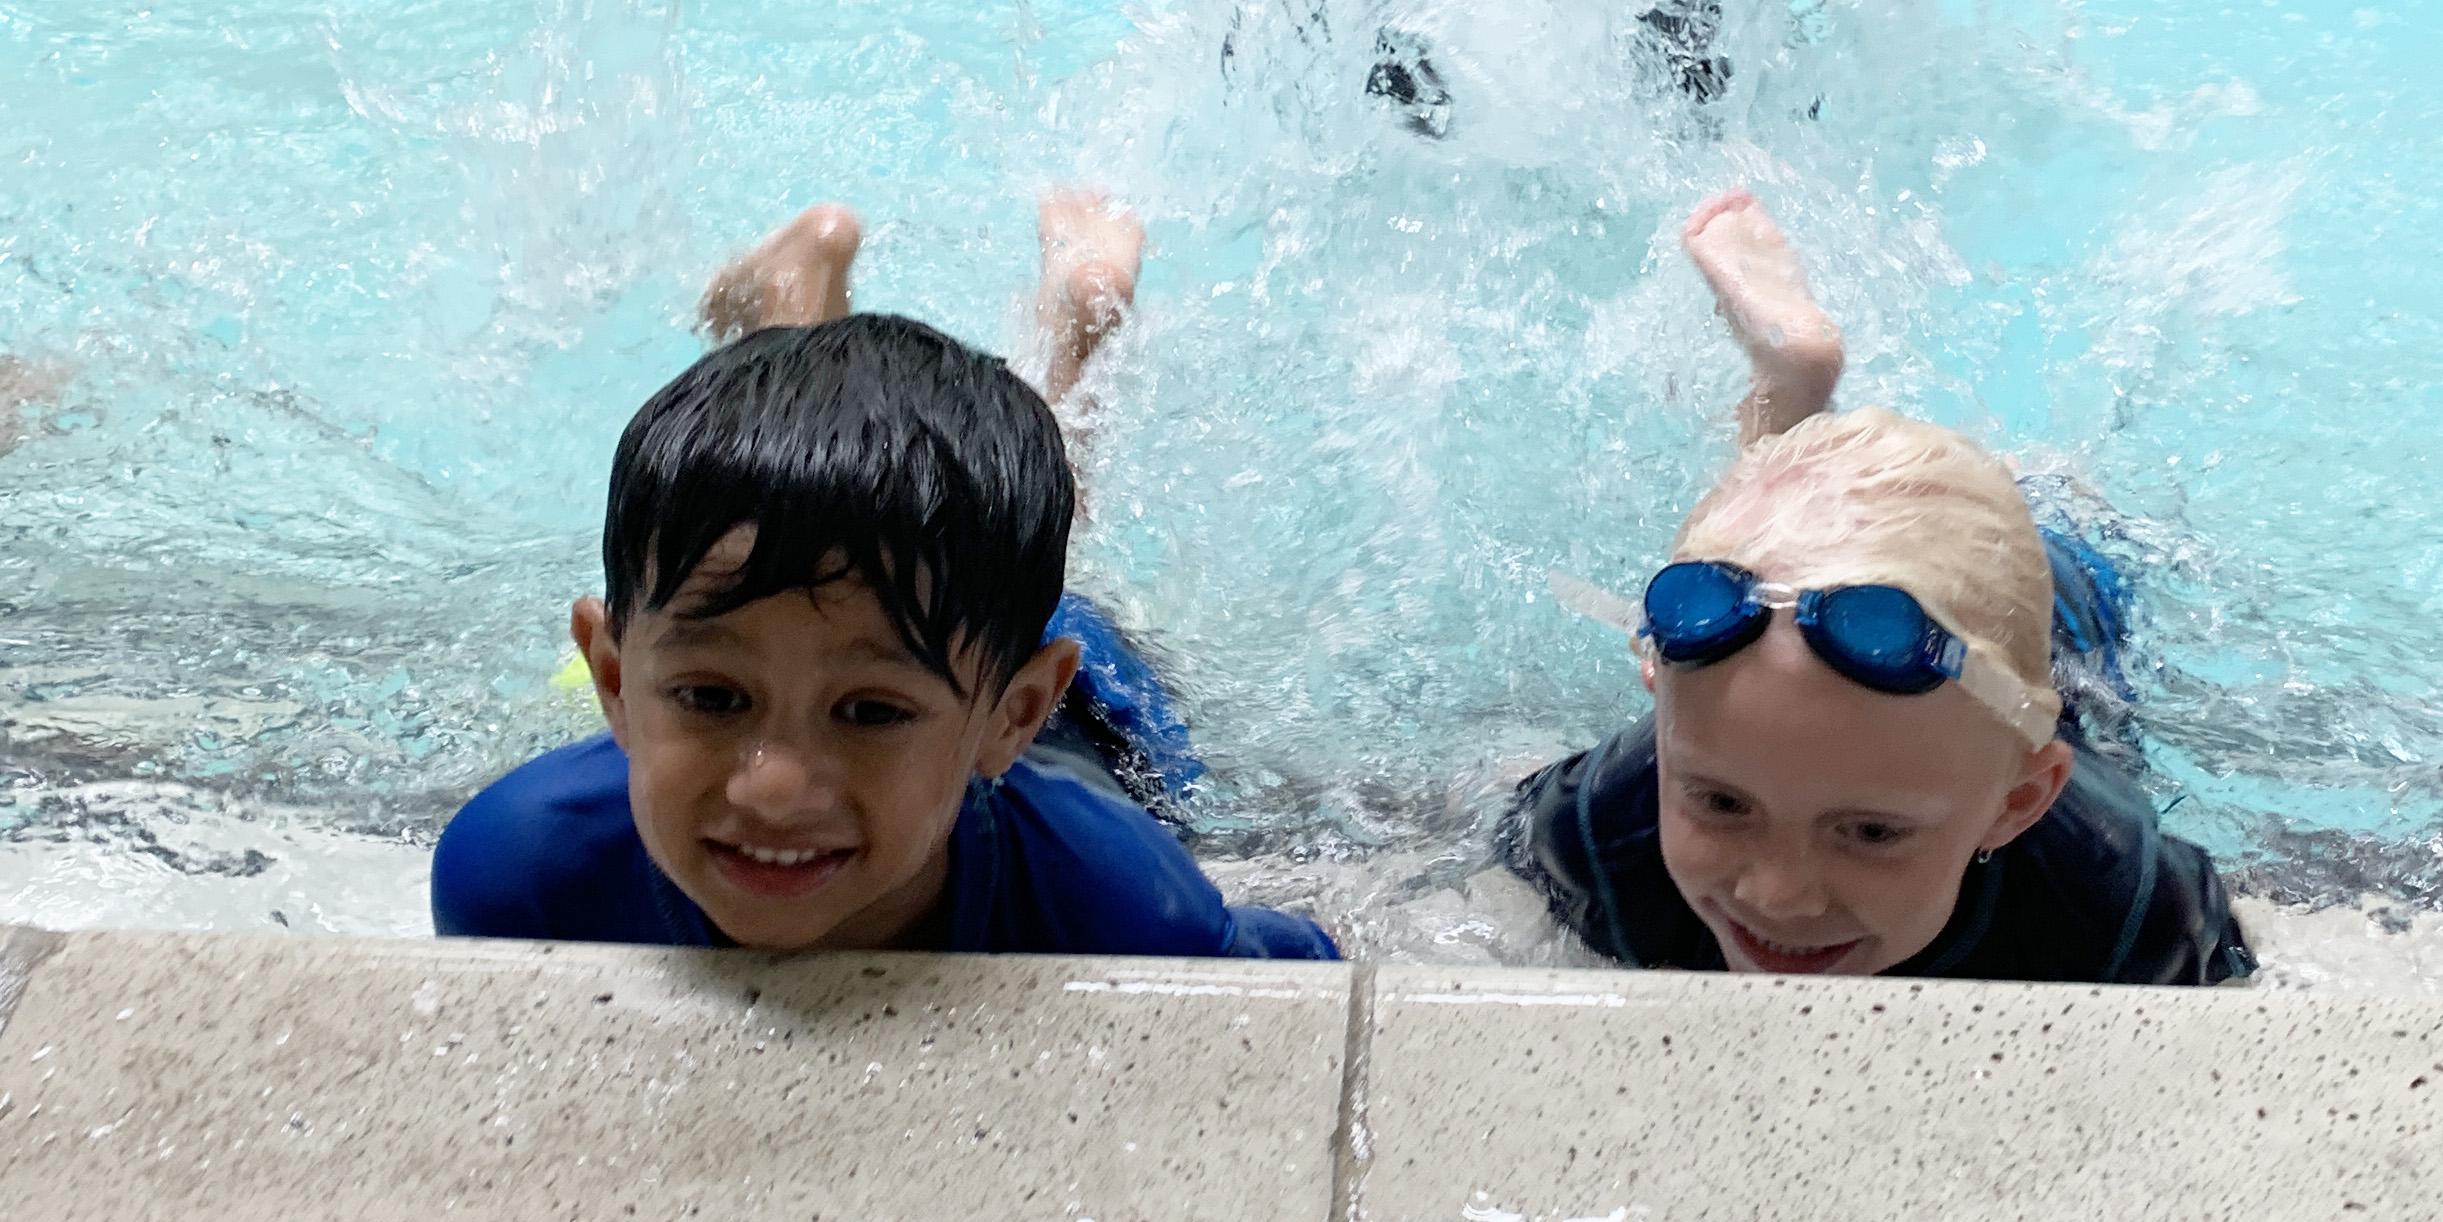 PJCC Aquatics Newsletter March 2020